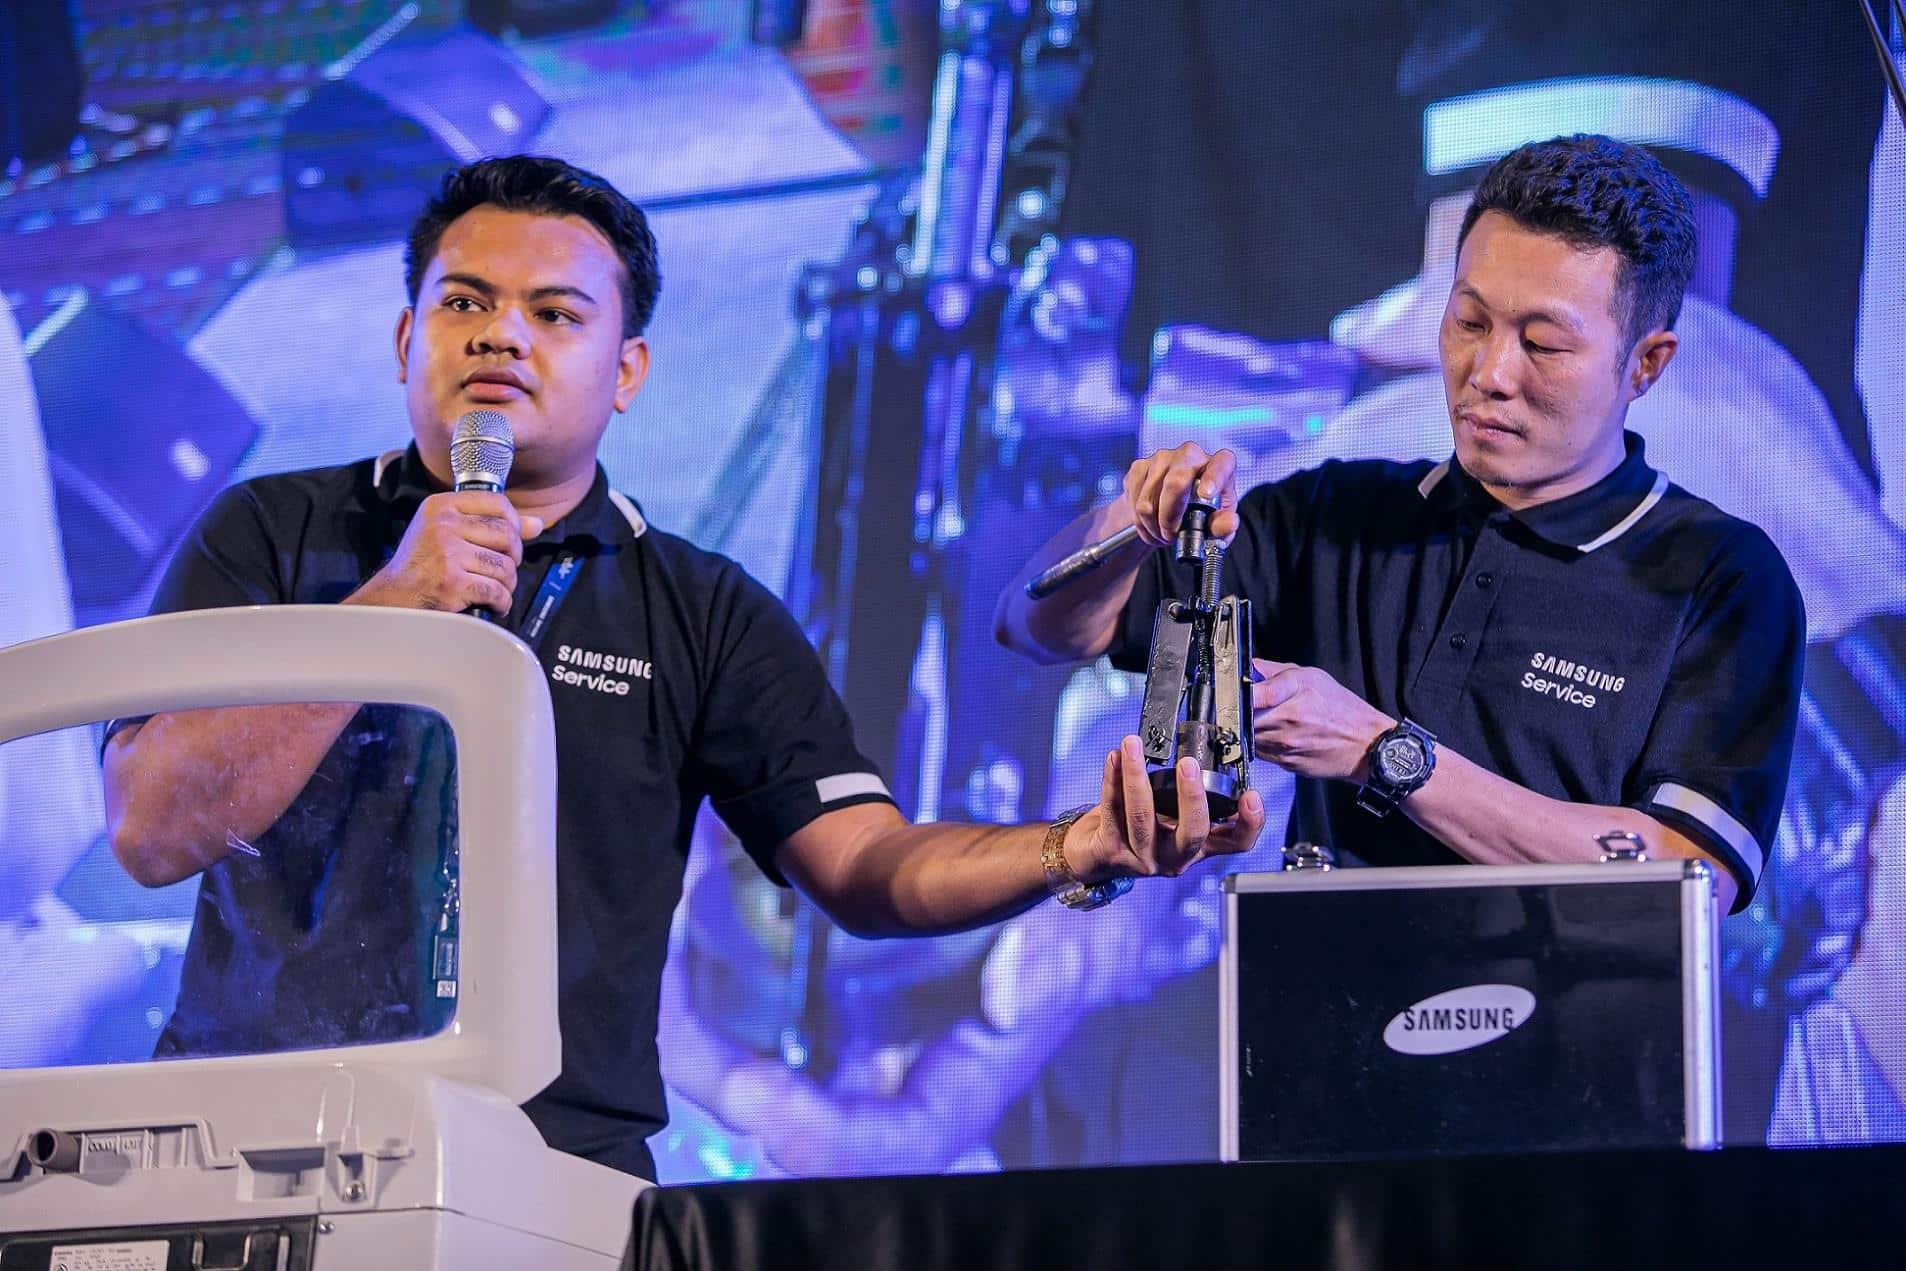 รูป Samsung ประกอบเนื้อหา Samsung Services สานต่อความ 'ตั้งใจ' เดินหน้าชูนโ ยบายด้านการบริการปี 2563